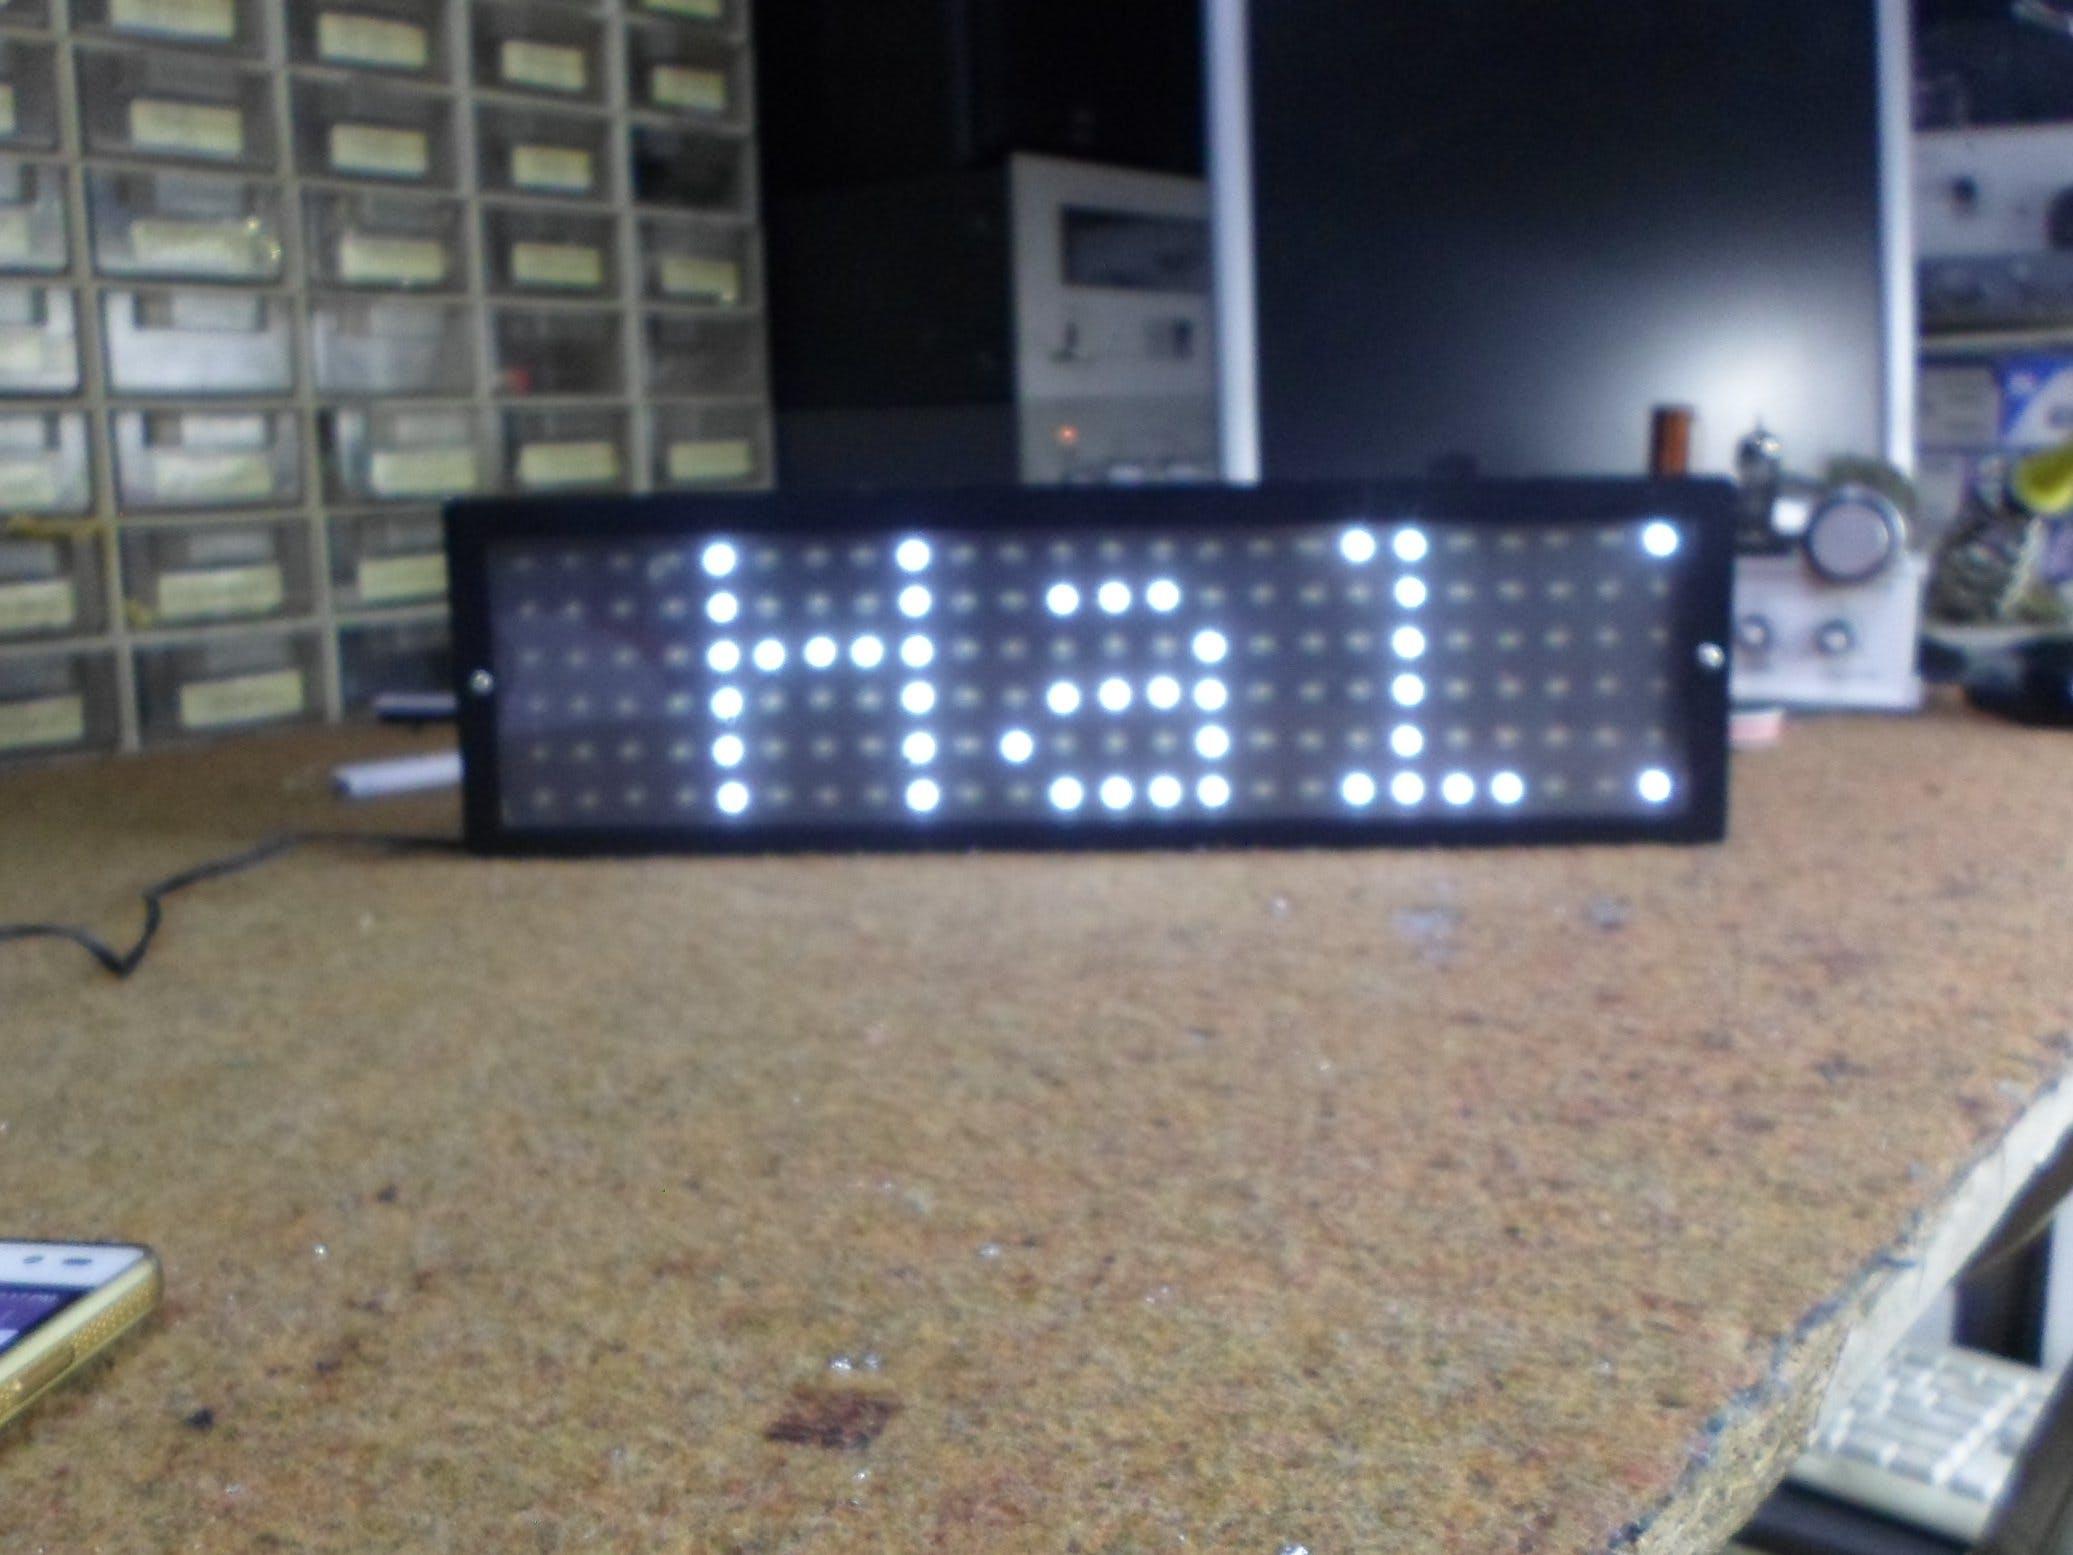 DIY 24x6 (144 Big LEDs) Matrix with Scrolling Text